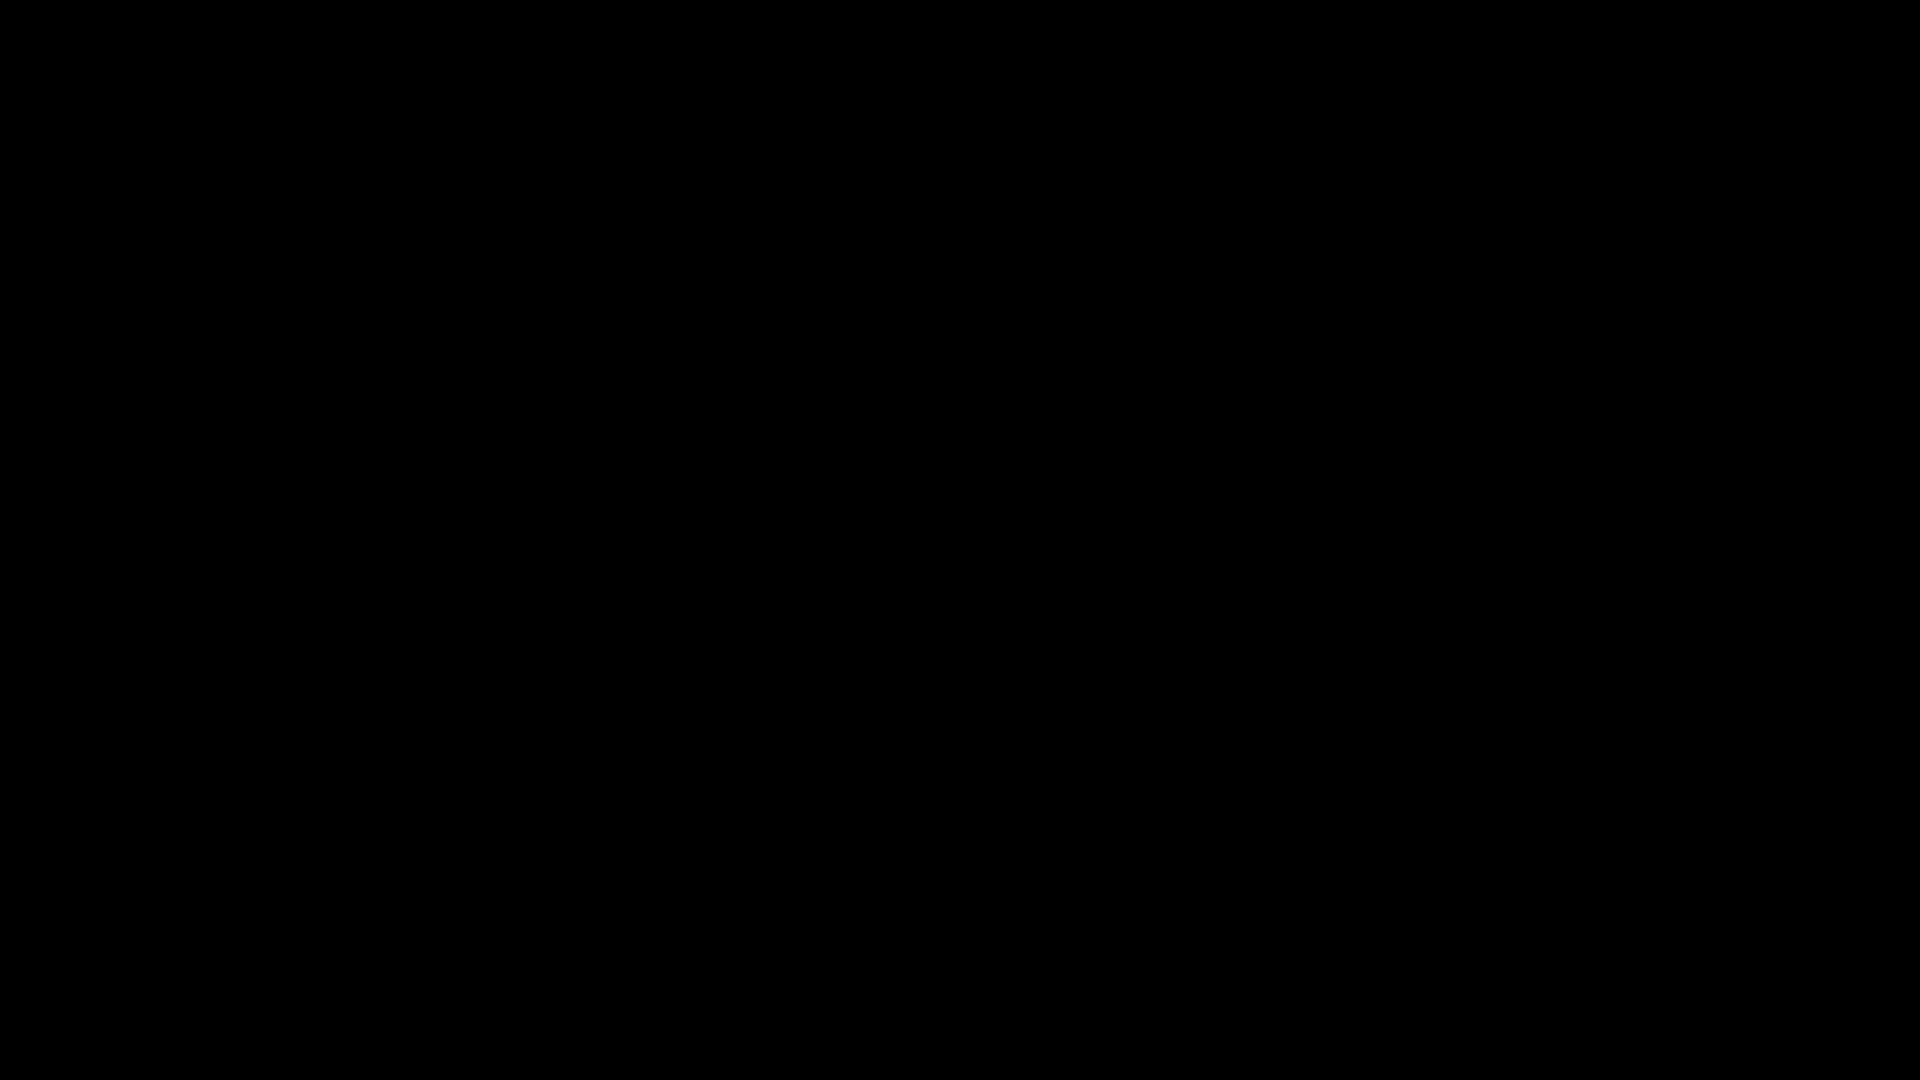 Schermo-nero-1920x1080